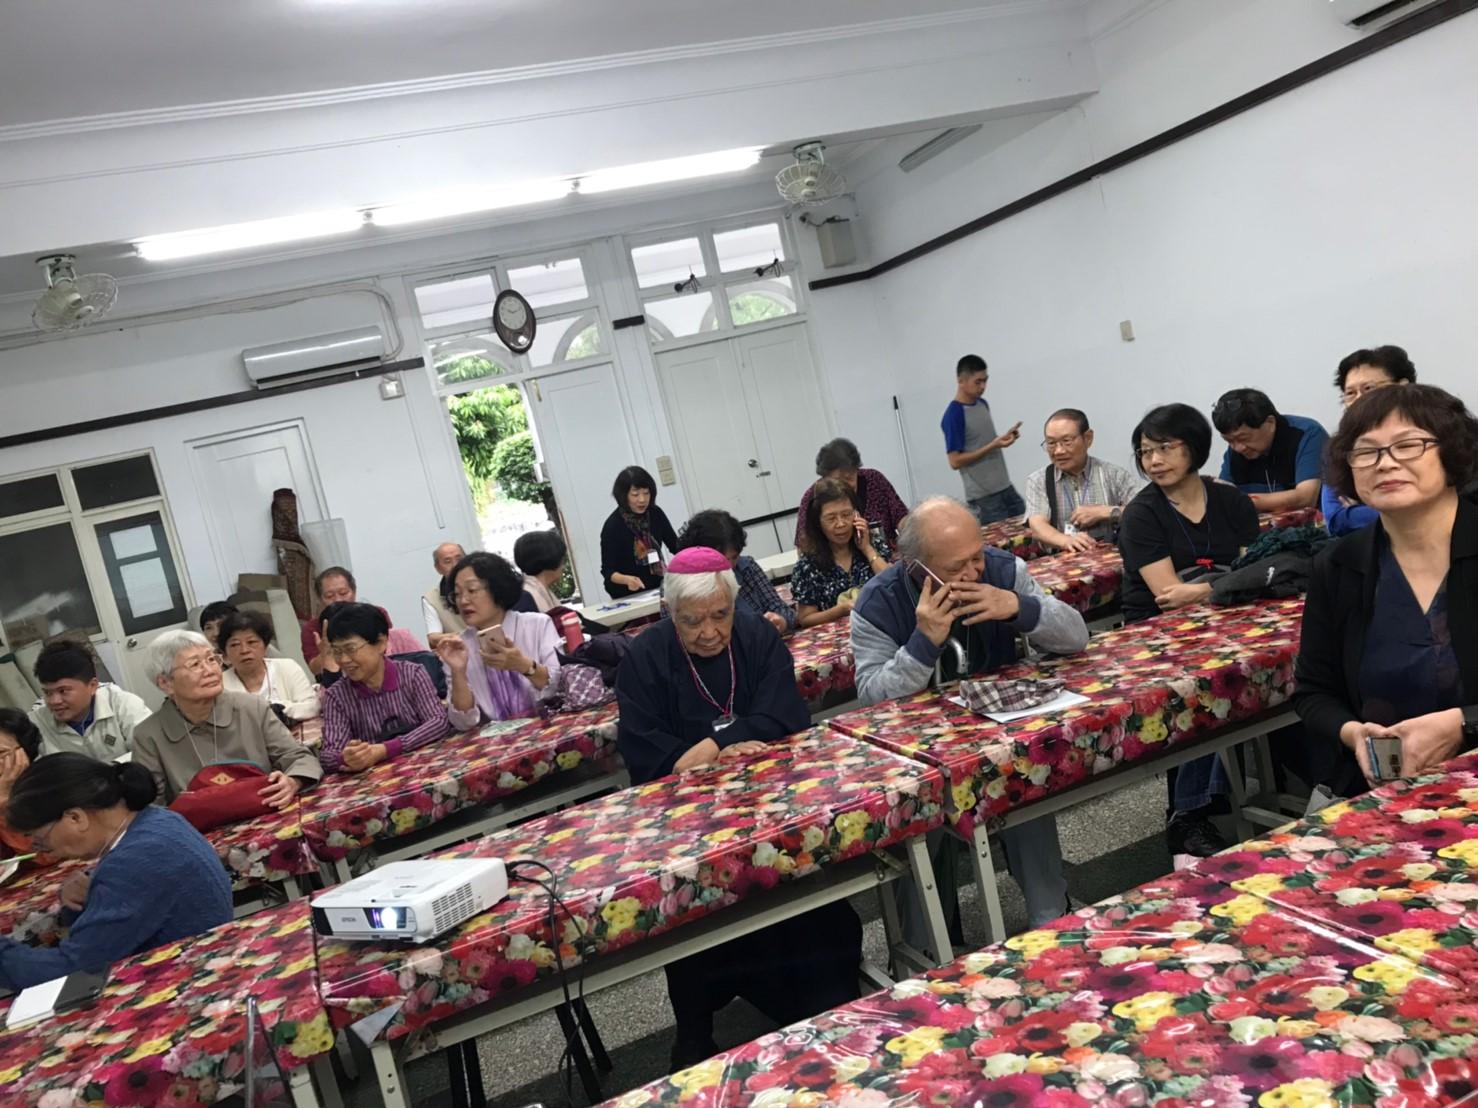 092119參訪清真寺、笑的藝術_191004_0085.jpg